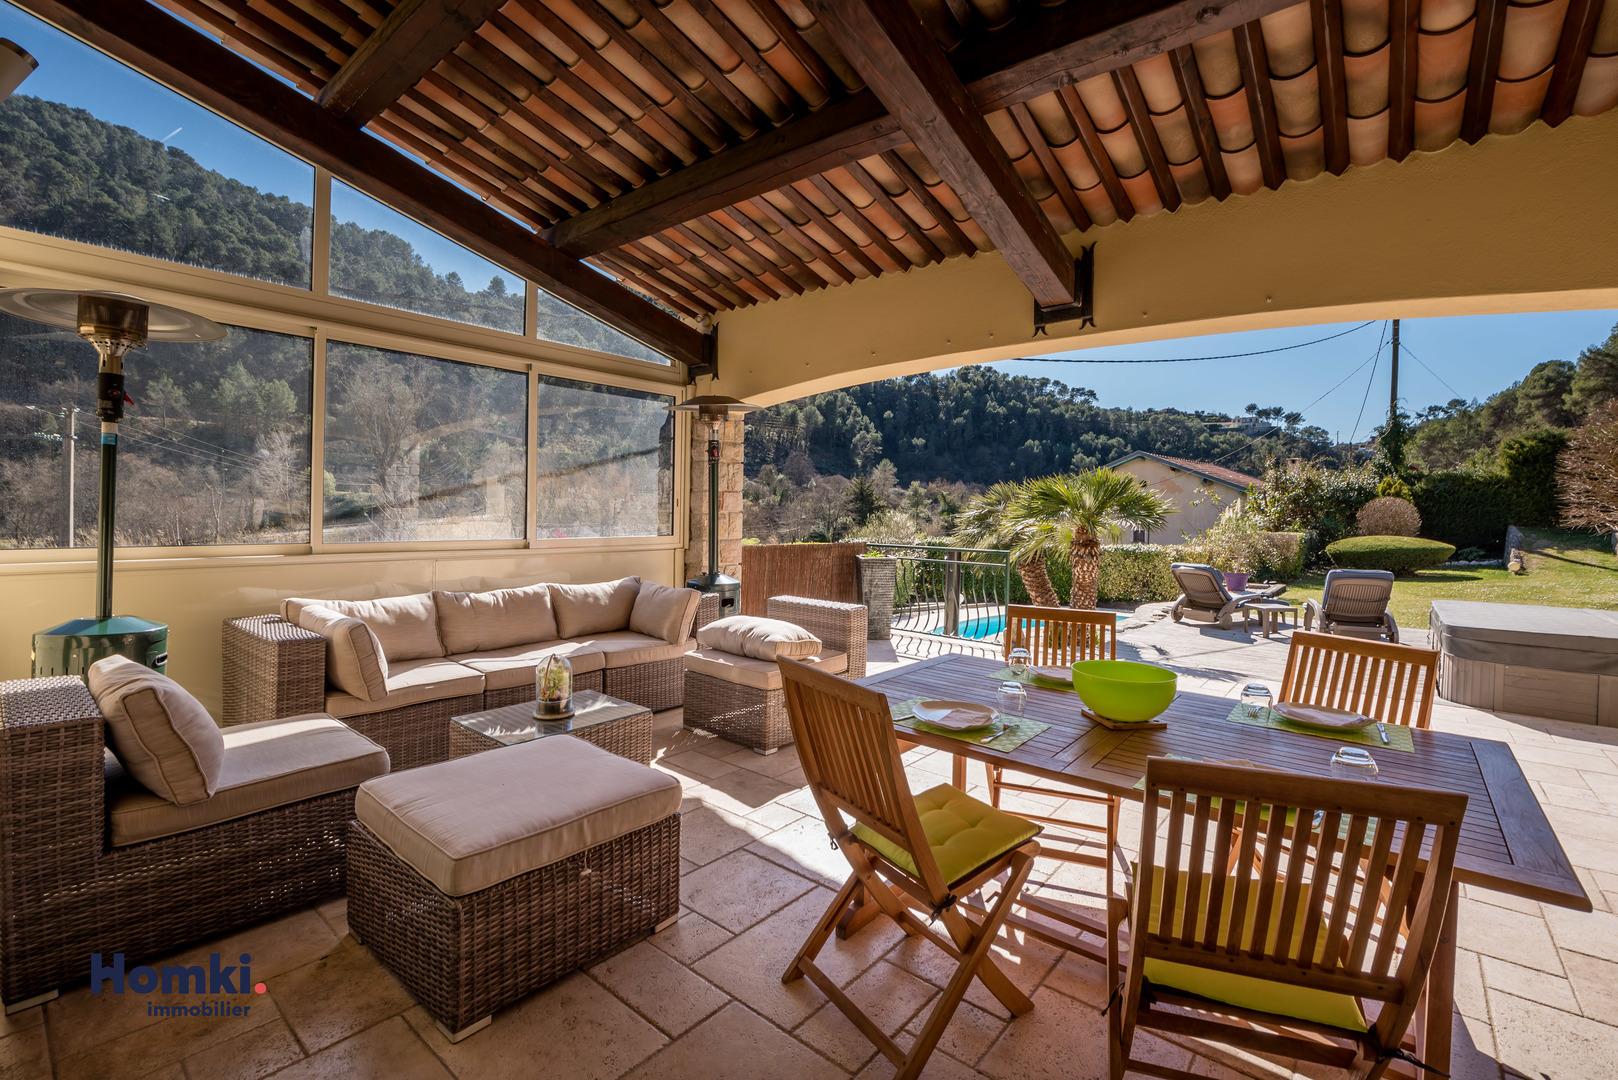 Vente Maison 160 m² T5 06440_12